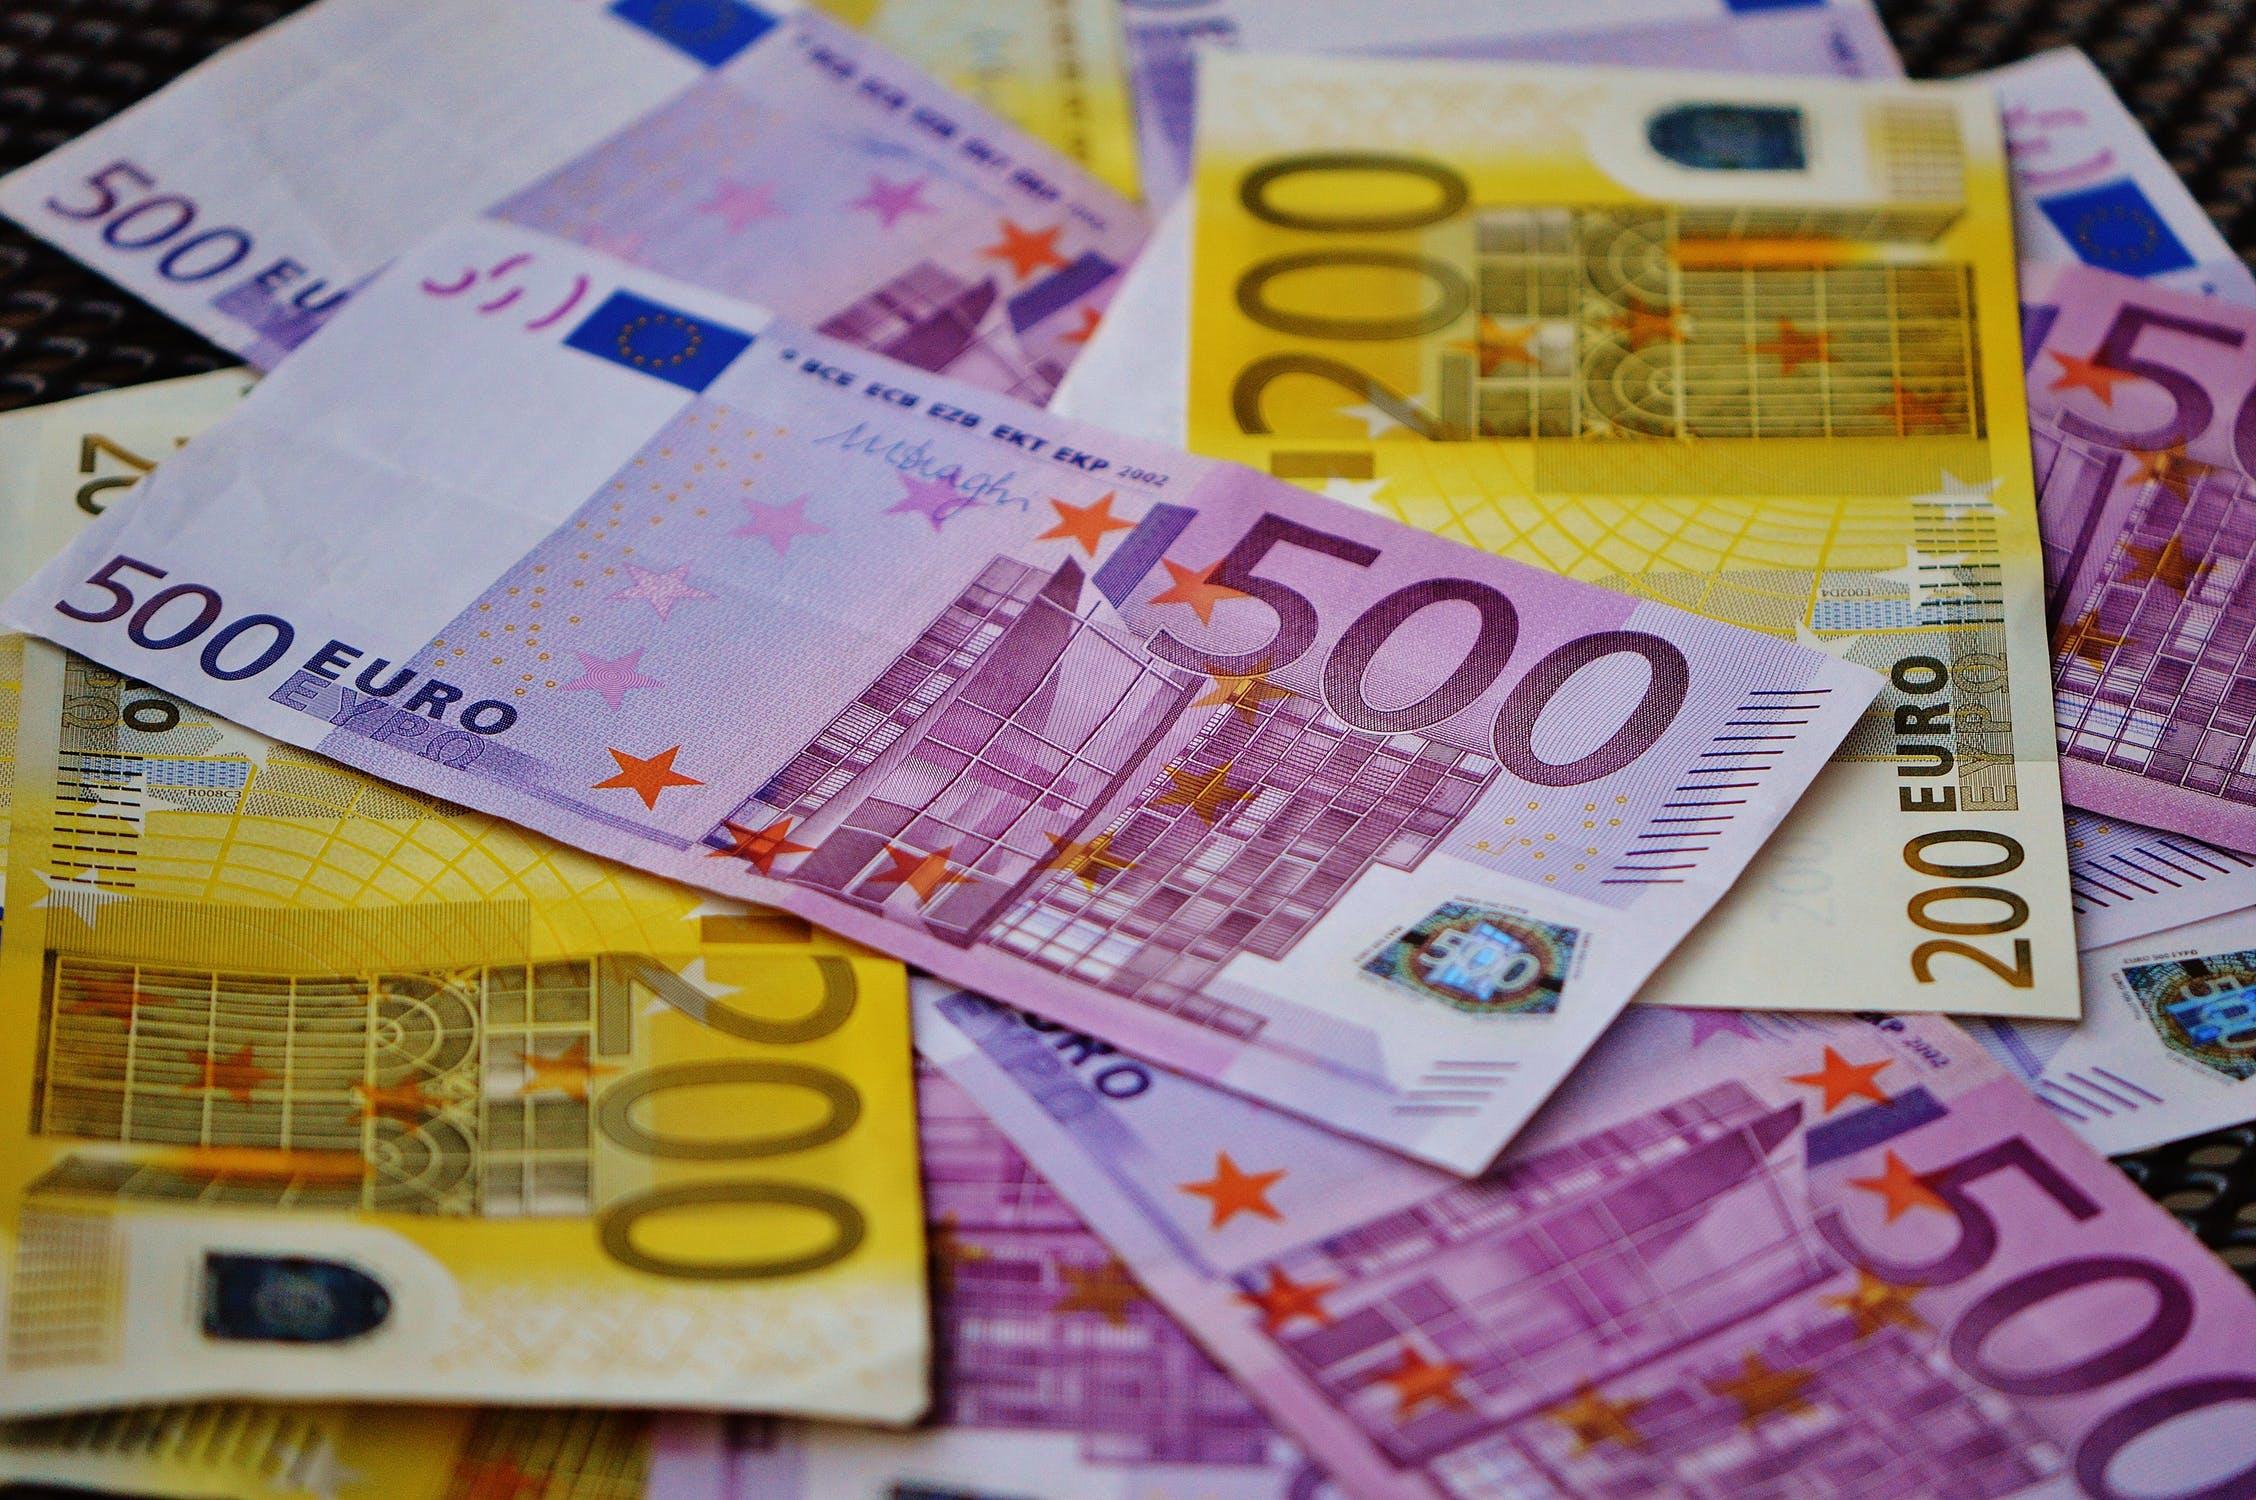 Le visa doré portugais atteint trois milliards d'euros